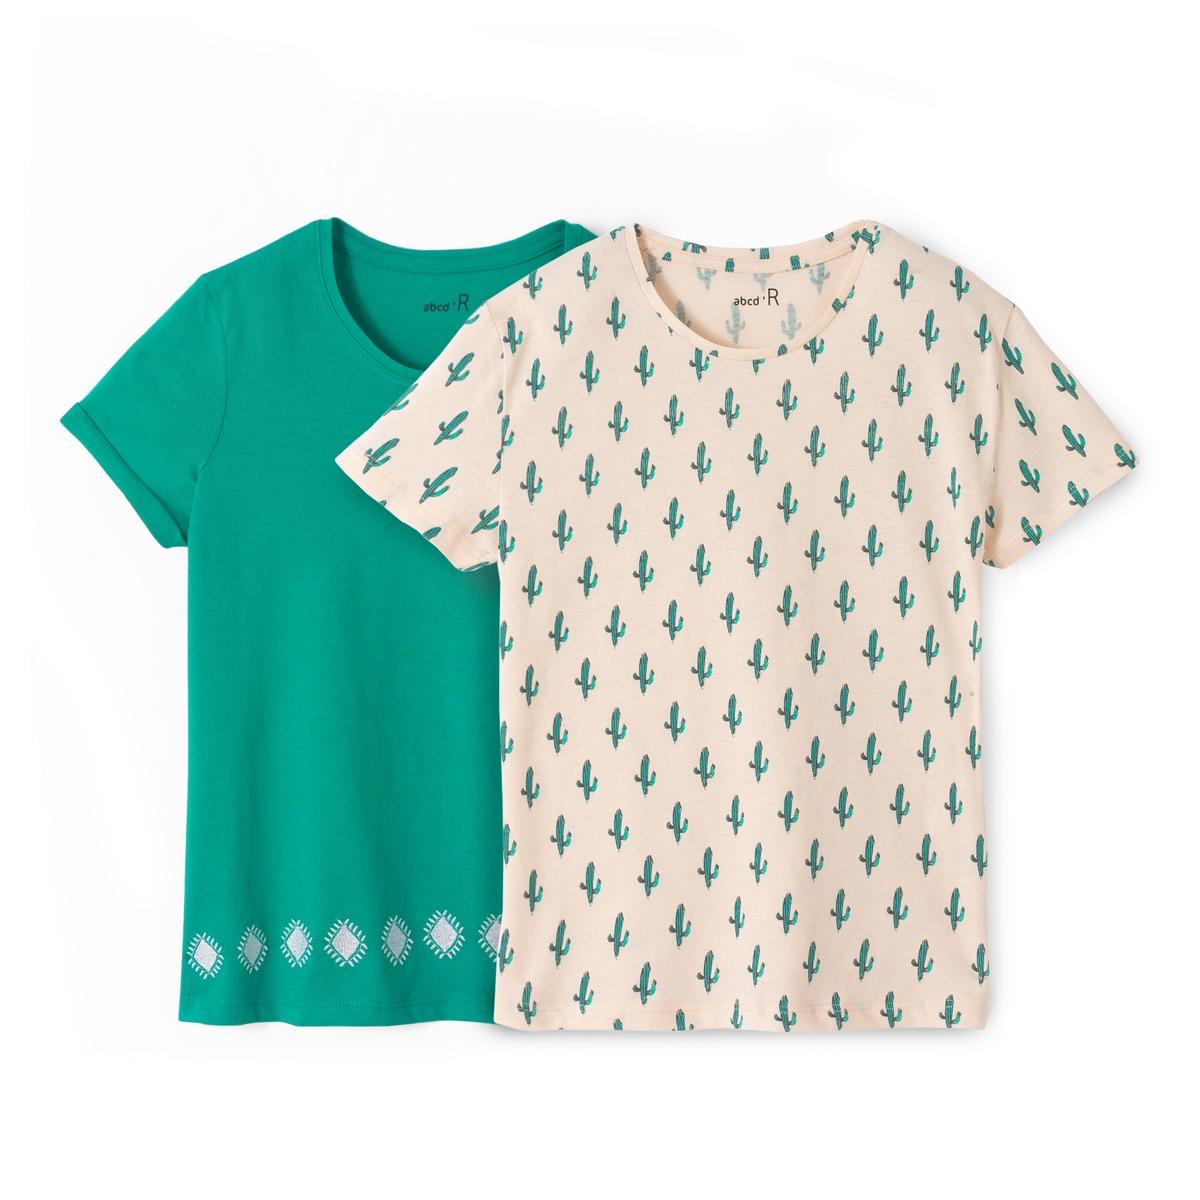 Комплект из 2 футболок с короткми рукавами, 3-12 летДетали •  Длинные рукава •  Круглый вырез •  Рисунок спередиСостав и уход •  100% хлопок •  Температура стирки 30° • Низкая температура глажки / не отбеливать   • Барабанная сушка на слабом режиме    • Сухая чистка запрещена<br><br>Цвет: рисунок + зеленый<br>Размер: 5 лет - 108 см.6 лет - 114 см.8 лет - 126 см